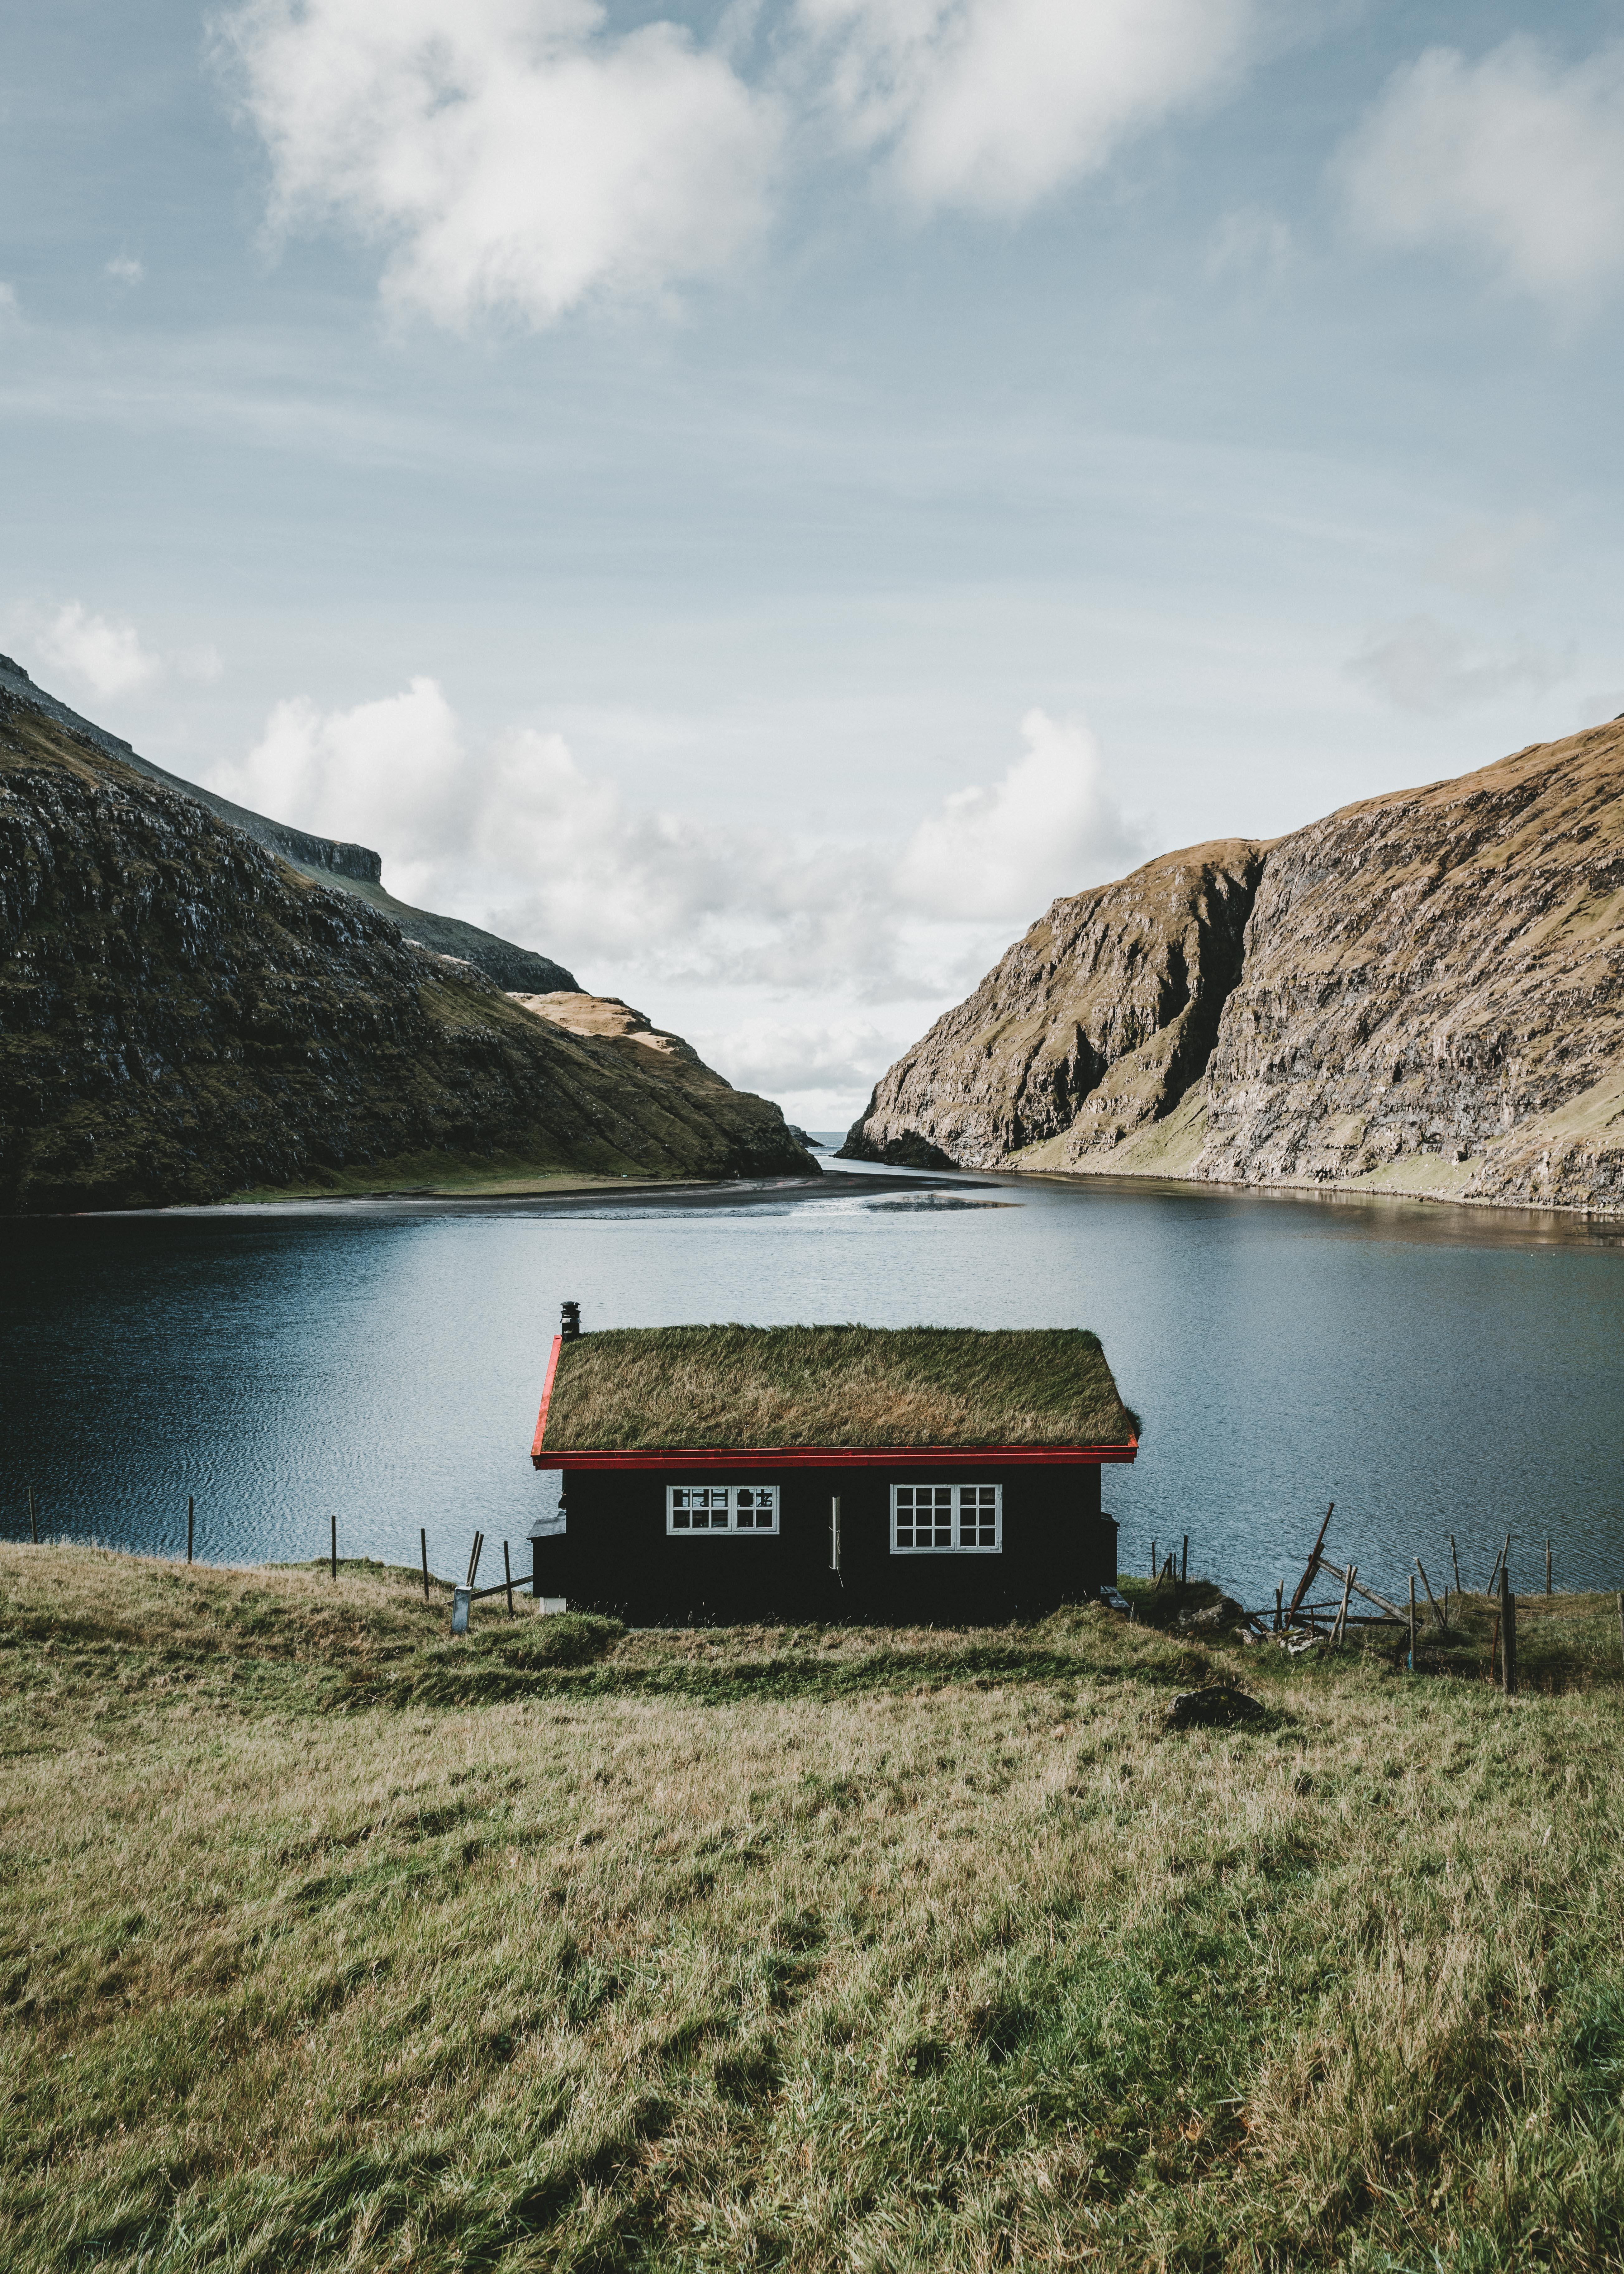 108207 免費下載壁紙 性质, 小房子, 小木屋, 湖, 湖景, 村庄, 萨克森, 萨克松, 法罗群岛, 群岛, 山 屏保和圖片